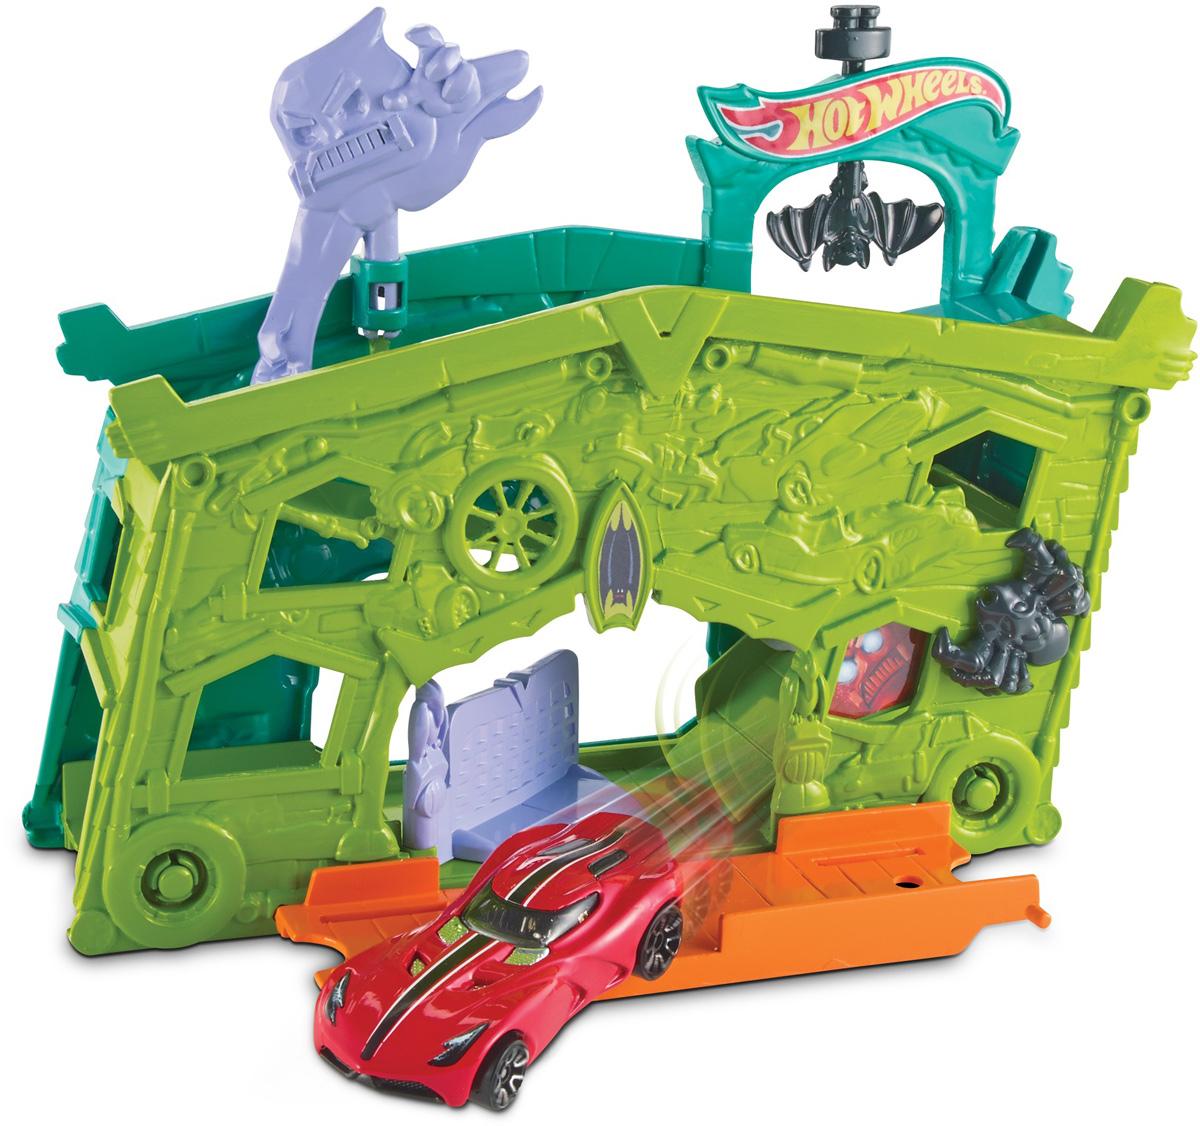 Hot Wheels Игровой набор Дом с привидениямиDWK99_DWL03Возьми веселье в дорогу с трансформирующимся игровым набором Hot Wheels . Детям понравятся узнаваемые сюжеты этих наборов, а также различные интерактивные элементы. В коллекции трансформирующихся наборов Hot Wheels есть автомойка, гараж и даже дом с привидениями! У каждого набора своя уникальность. В набор также входит одна машинка Hot Wheels. Любой набор можно соединить с другим трековым набором Hot Wheels. Дети могут коллекционировать наборы и соединять их друг с другом — веселье будет бесконечным! Каждая машинка продается отдельно. Складные наборы удобны в дороге, и их легко хранить.